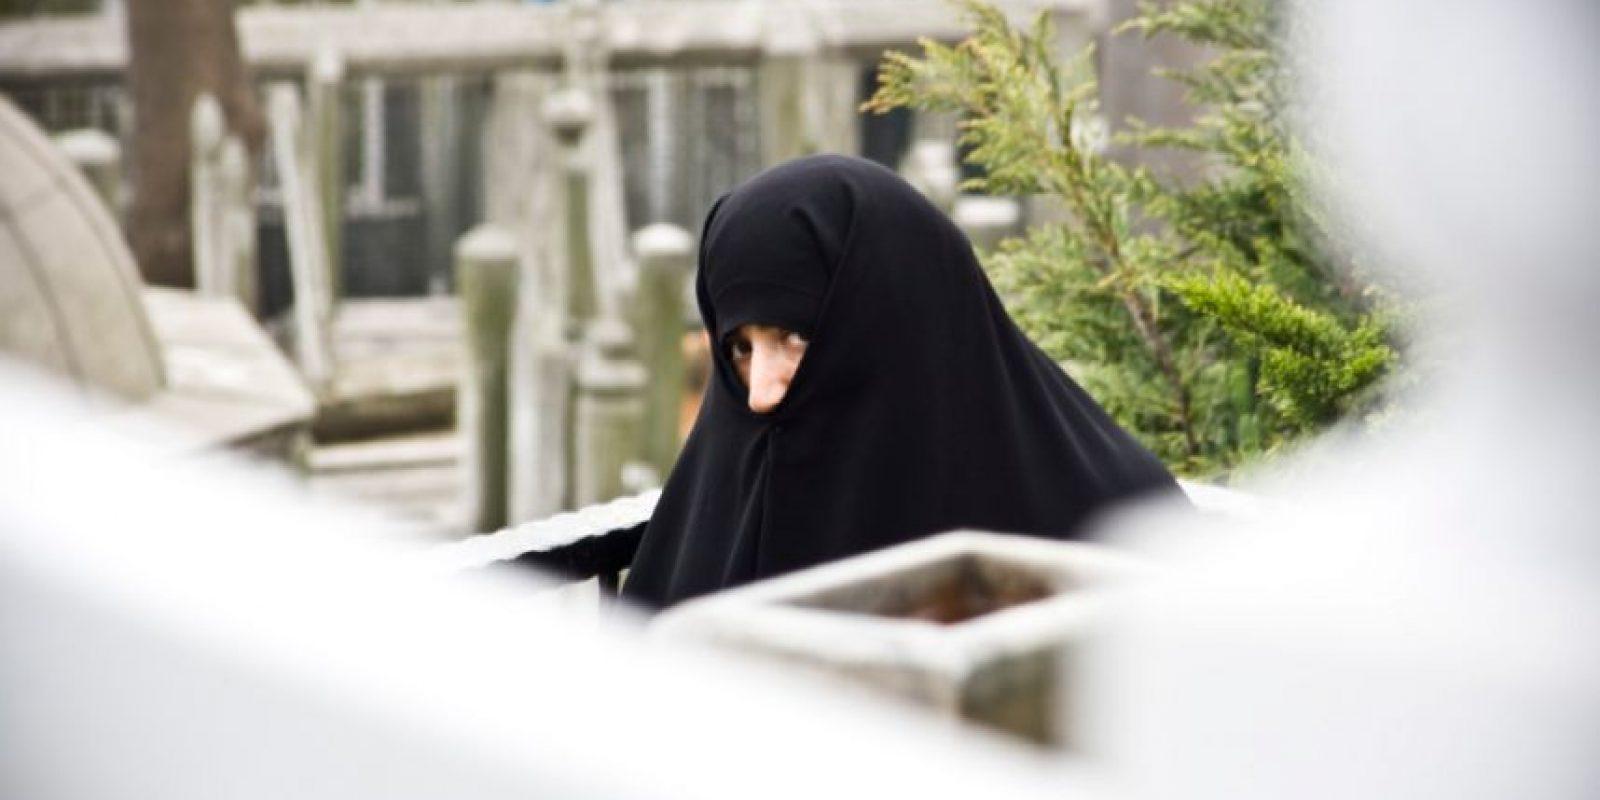 4. Una mujer recibió insultos mientras se transportaba en el metro de Londres, hasta que Ashley Powys, un joven de 22 años la defendió. Foto:Vía flickr